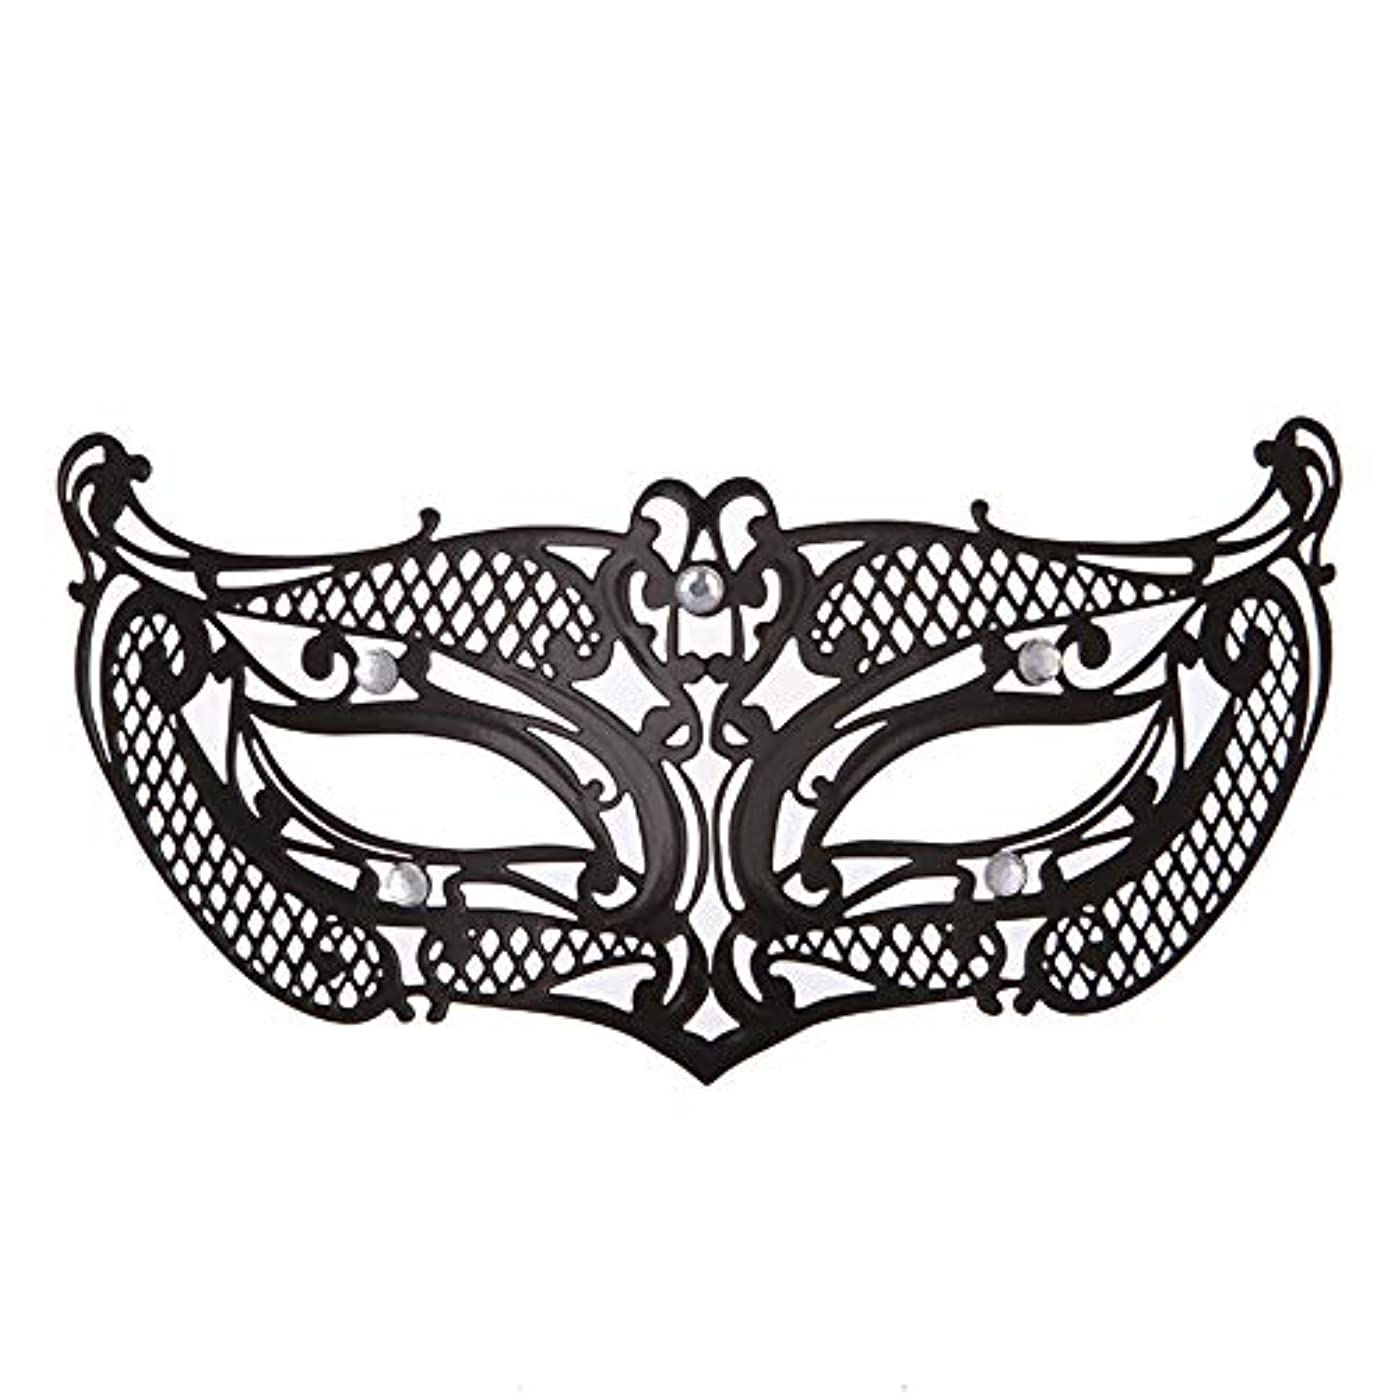 浸透するロビー制裁ダンスマスク アイアンメタリックレースとダイヤモンドハーフマスクハロウィンダンスマスクナイトクラブボールマスクコスプレパーティーハロウィンマスク ホリデーパーティー用品 (色 : ブラック, サイズ : 19x8cm)